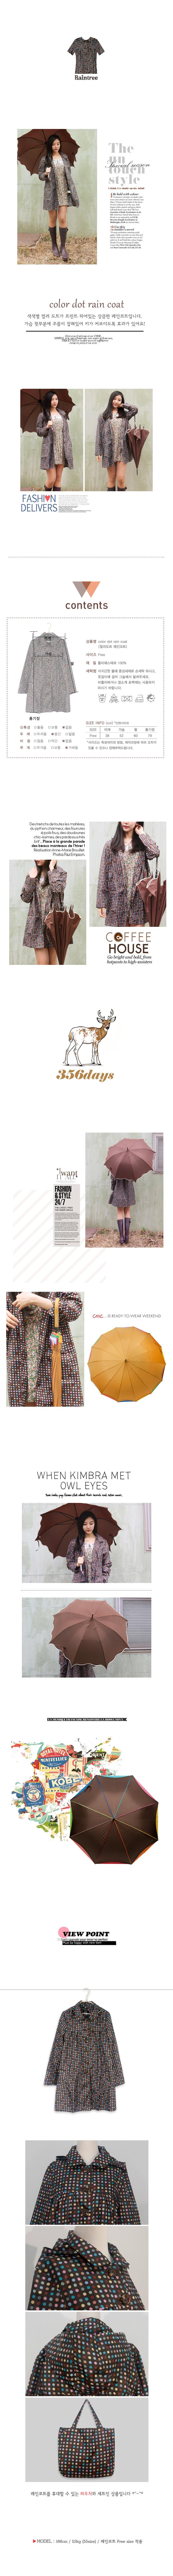 컬러도트 레인코트_브라운(파우치포함) - 레인트리, 63,000원, 레인코트/소품, 레인코트